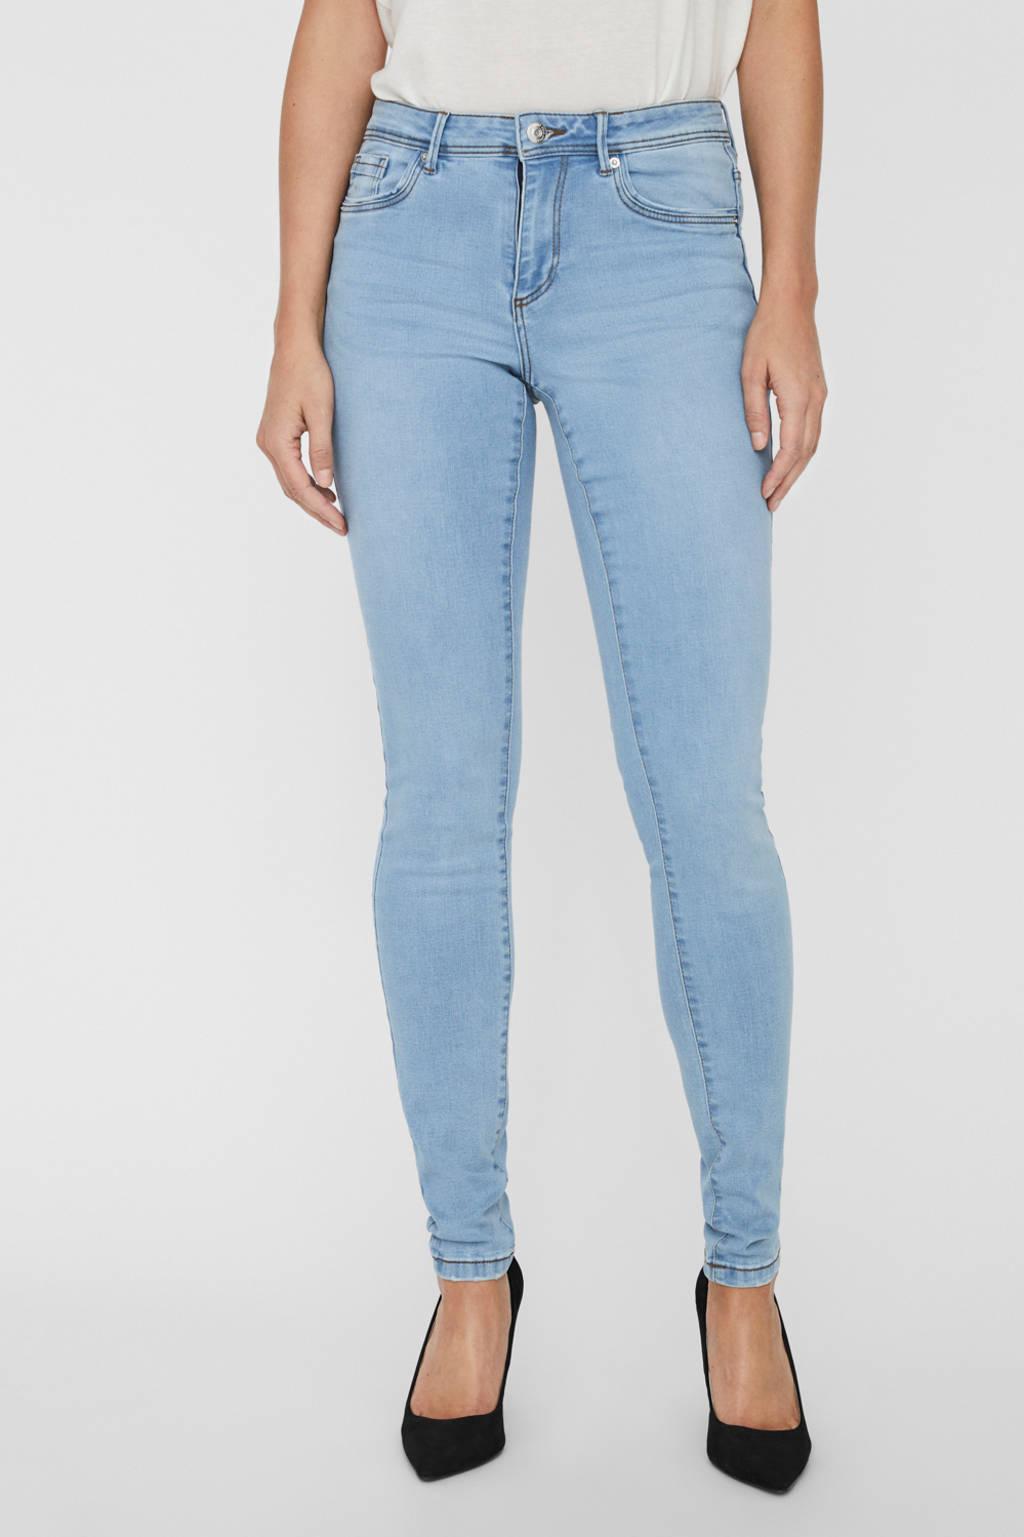 VERO MODA high waist skinny jeans VMTANYA met biologisch katoen light denim, Light denim